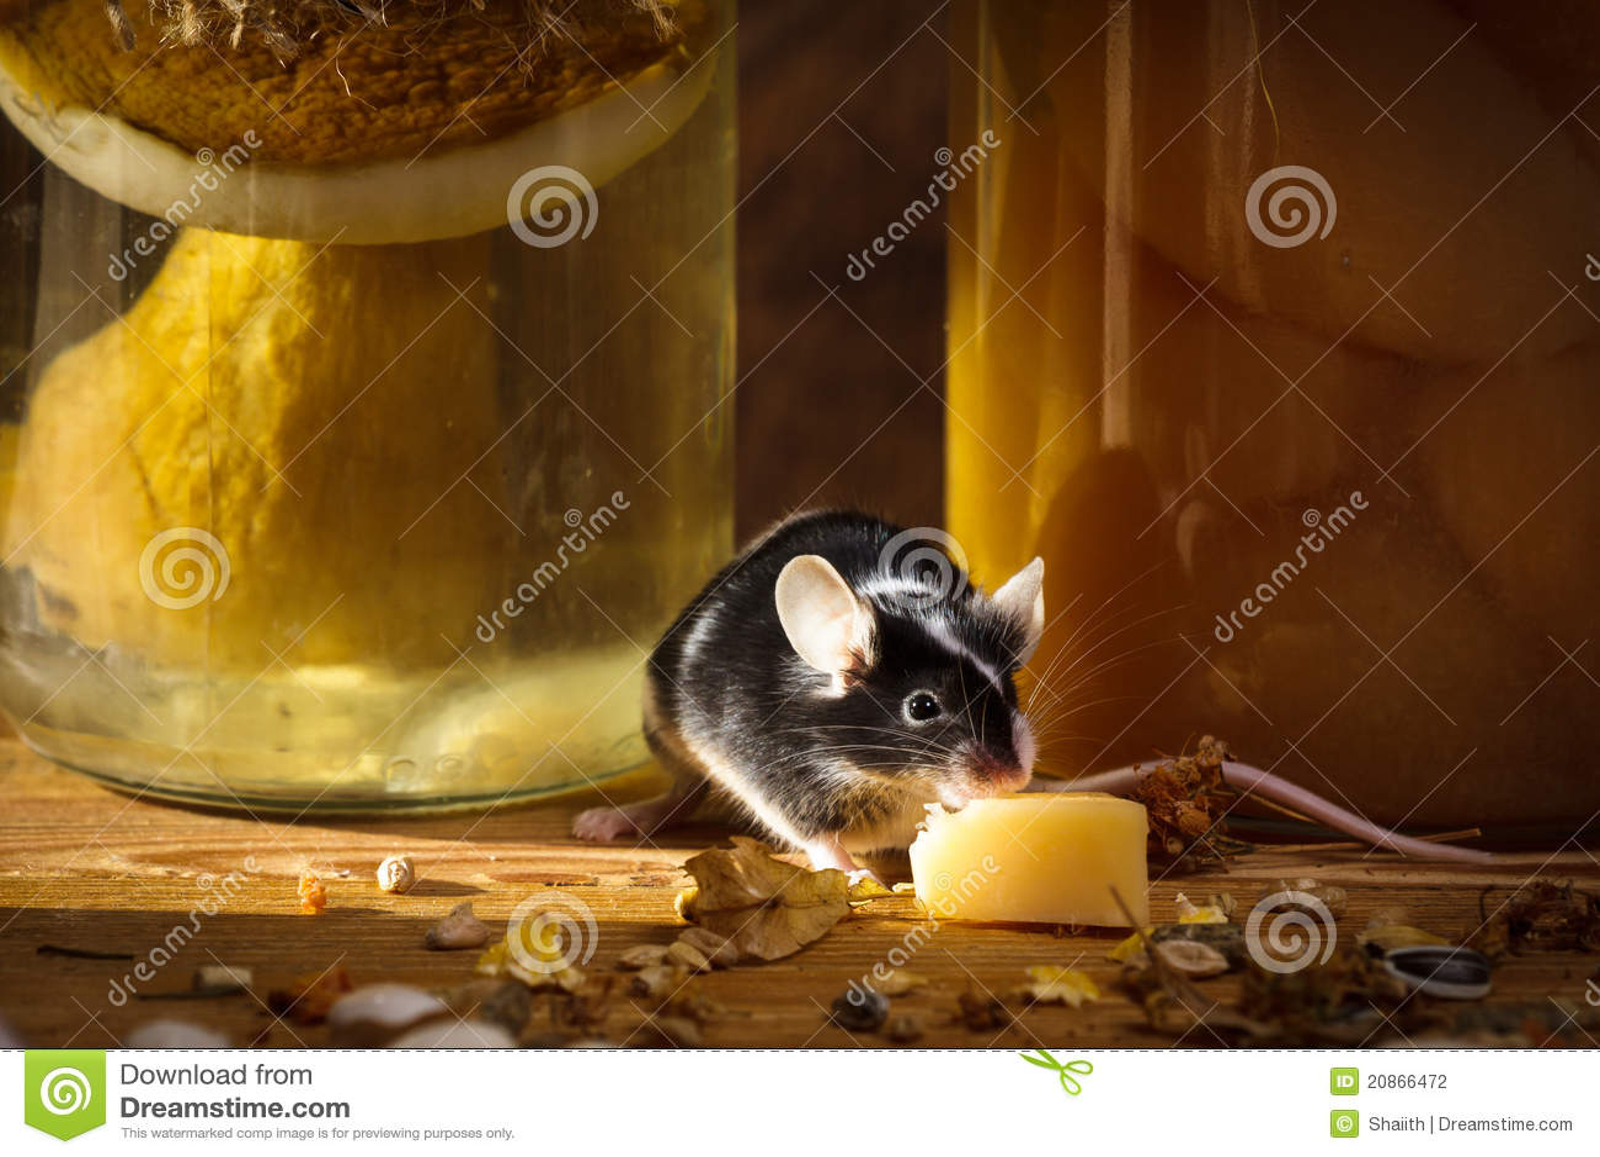 Kleine Maus Die Kase Im Keller Isst Stockfoto Bild Von